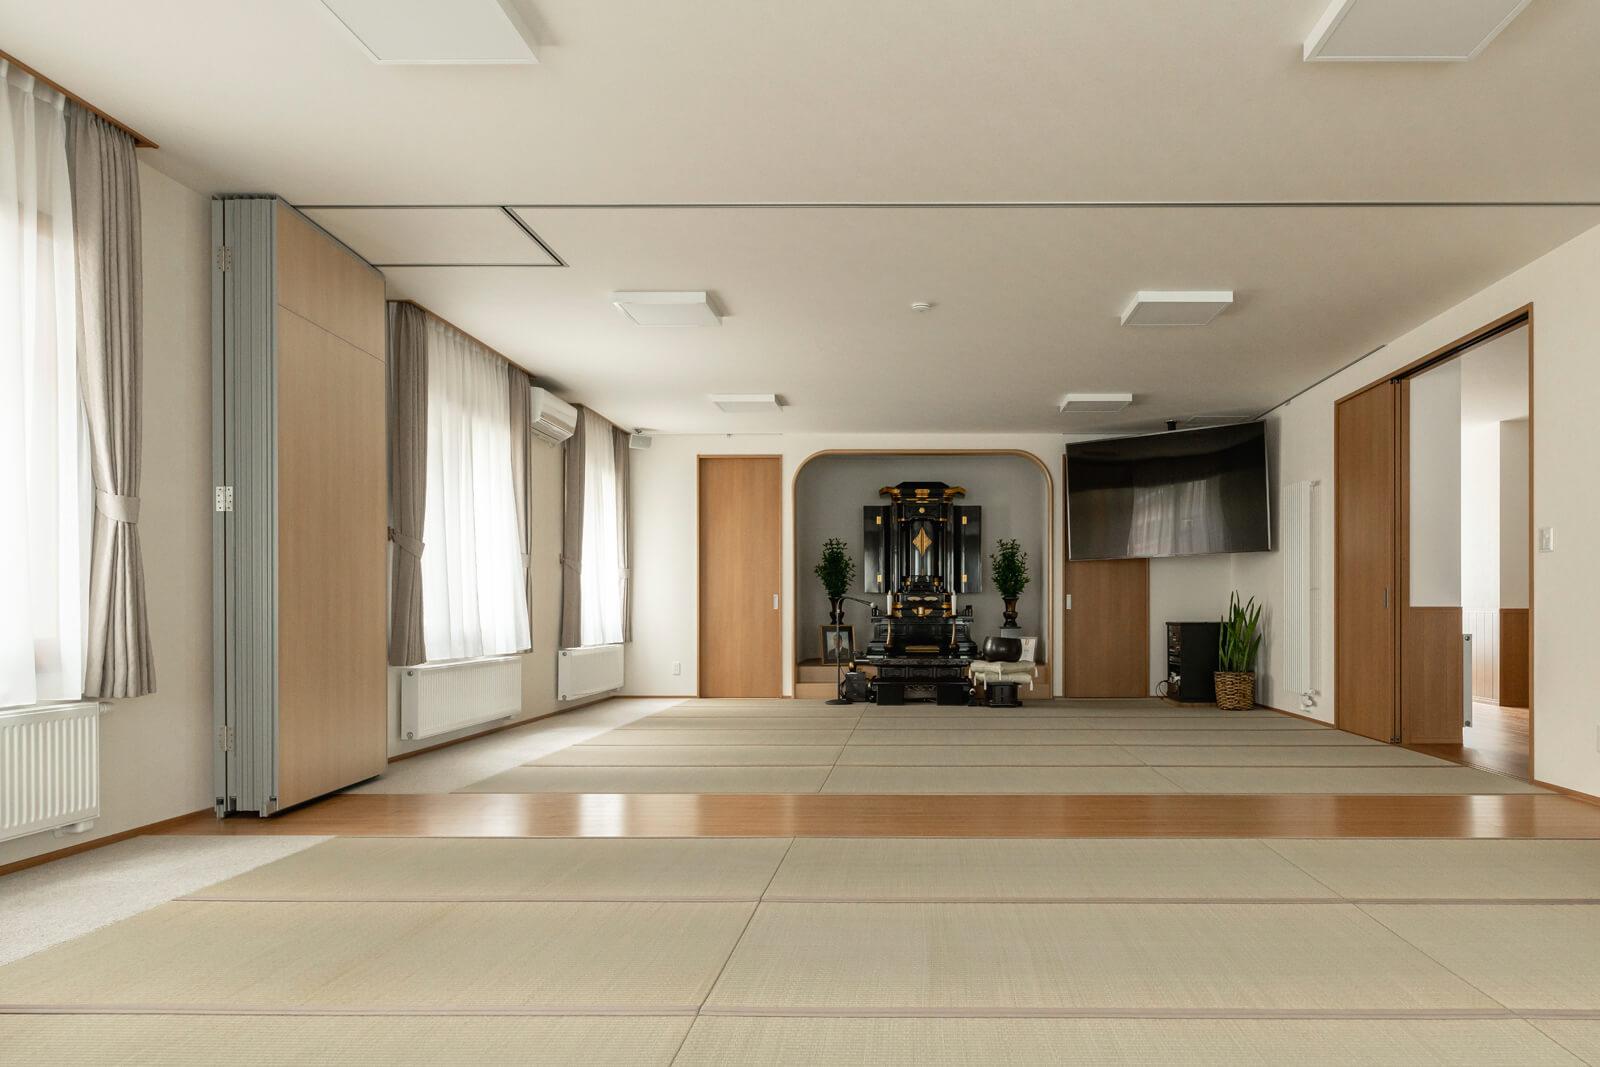 Mさんご夫妻が希望した柱のない40畳の和室。コンクリート住宅でしか実現できない大空間となっている